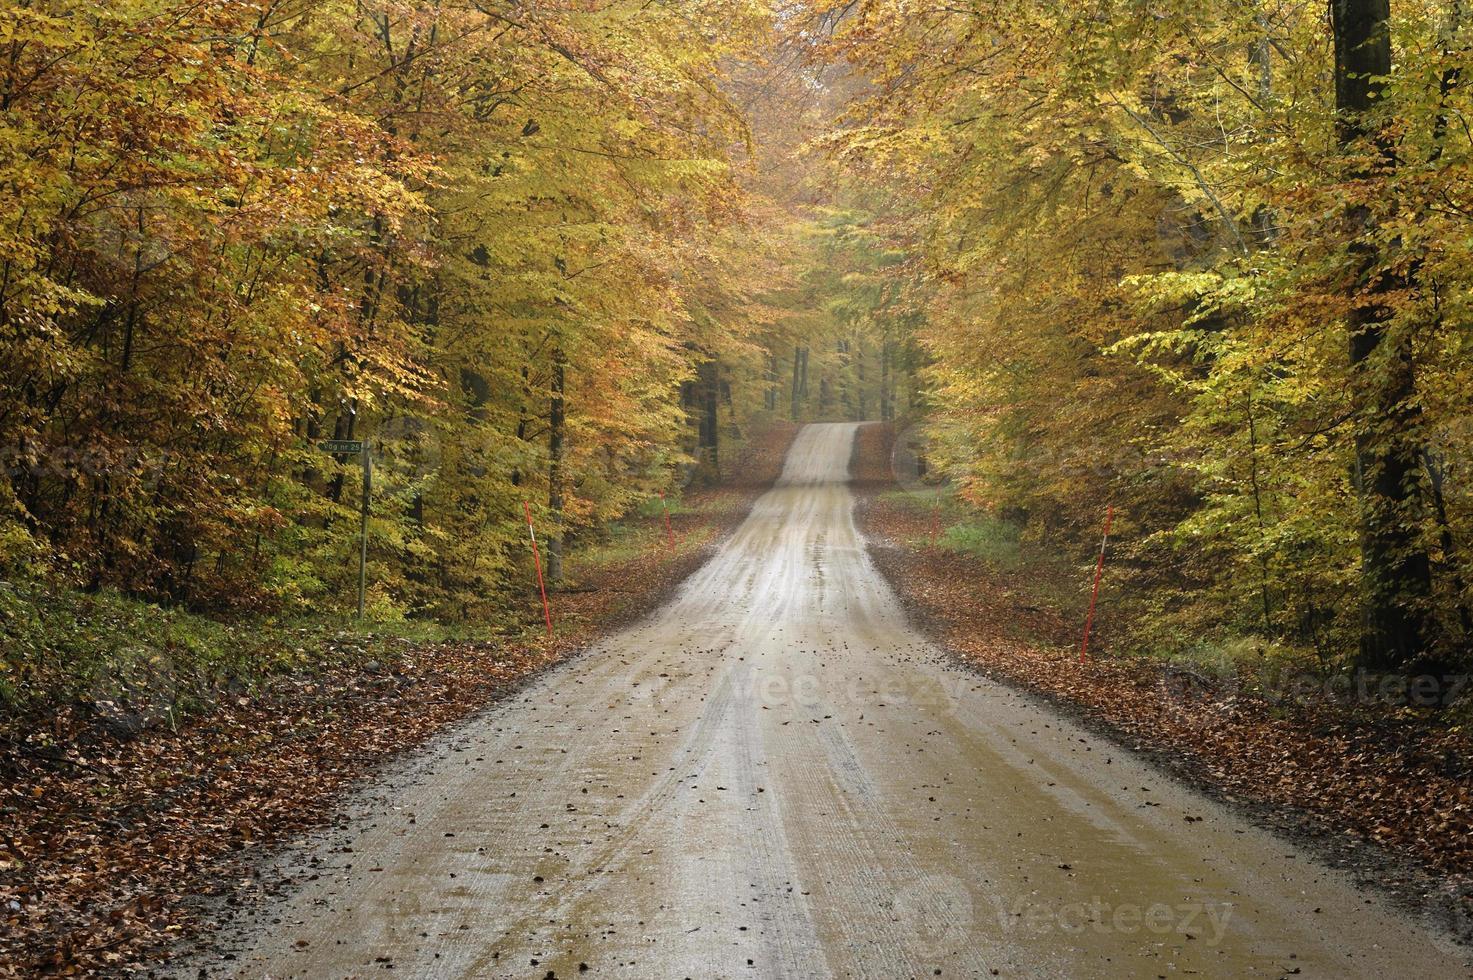 estrada de cascalho em uma floresta de faias outono foto